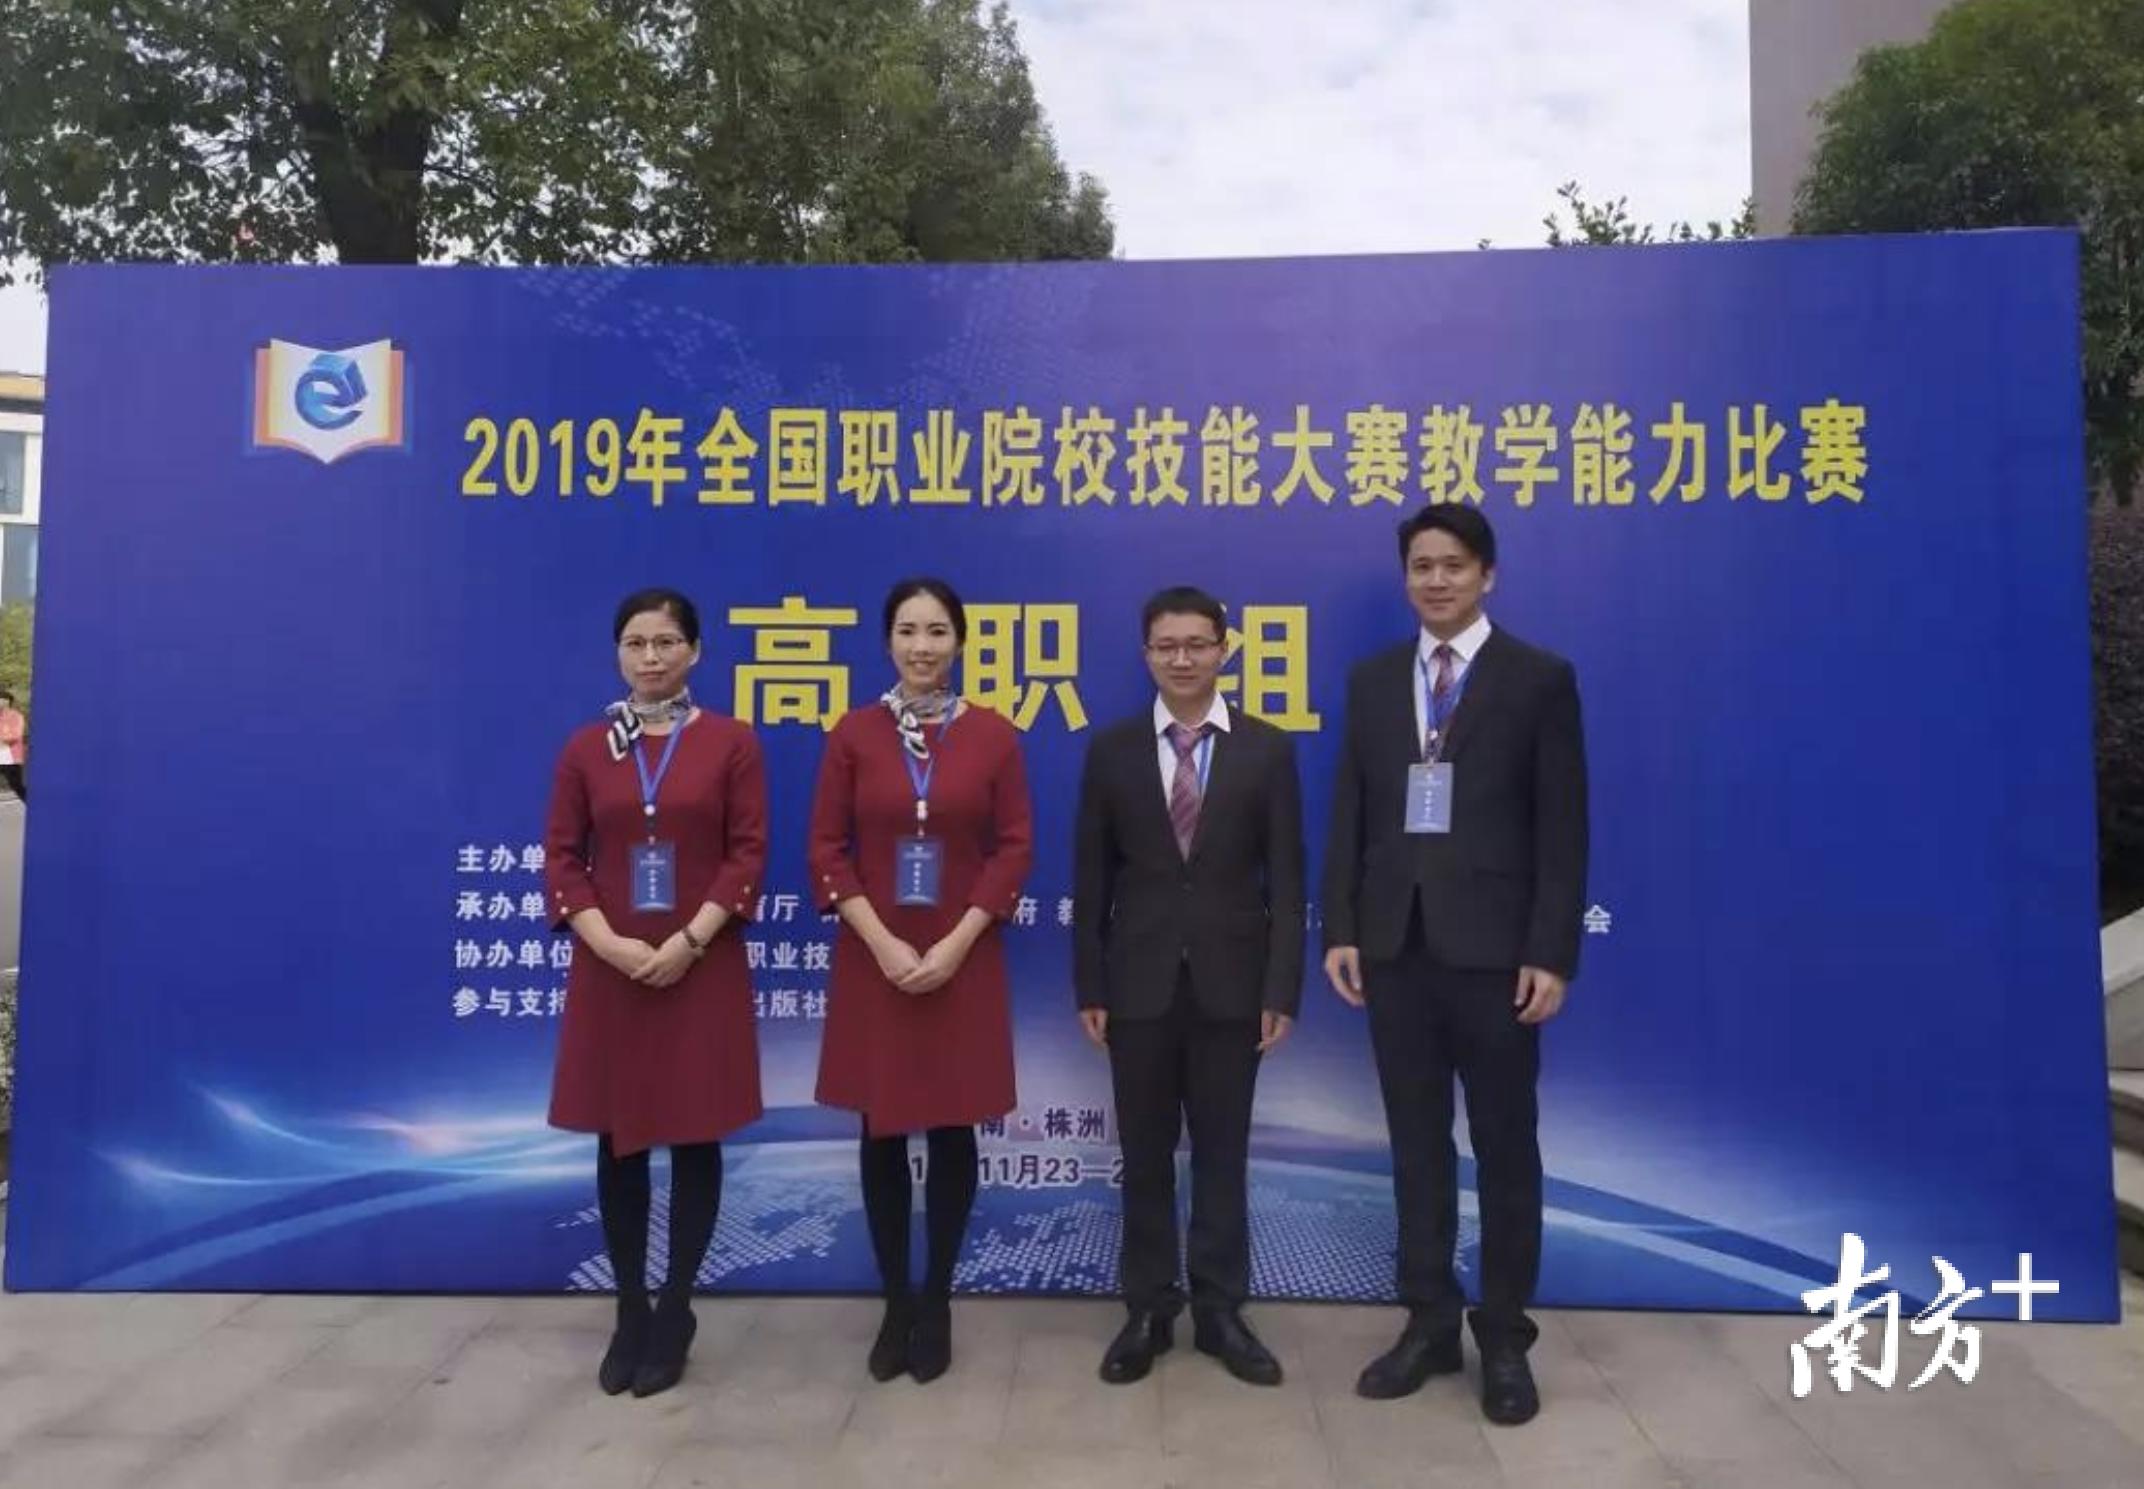 顺德职业技术学院获奖教师团队。受访者供图